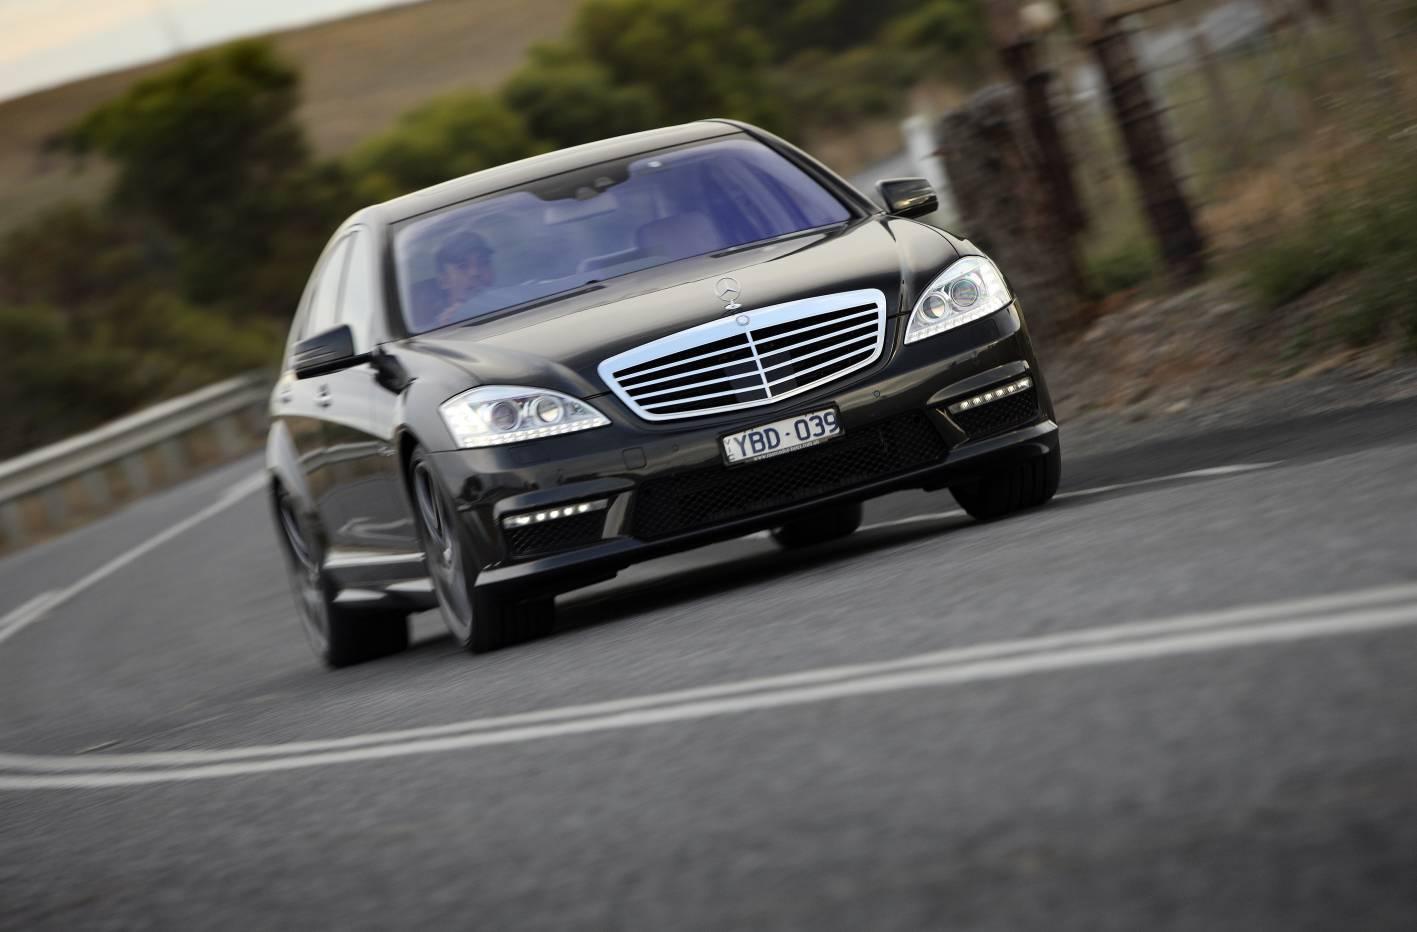 2011_mercedes_benz_s_class_sedan_csr_01